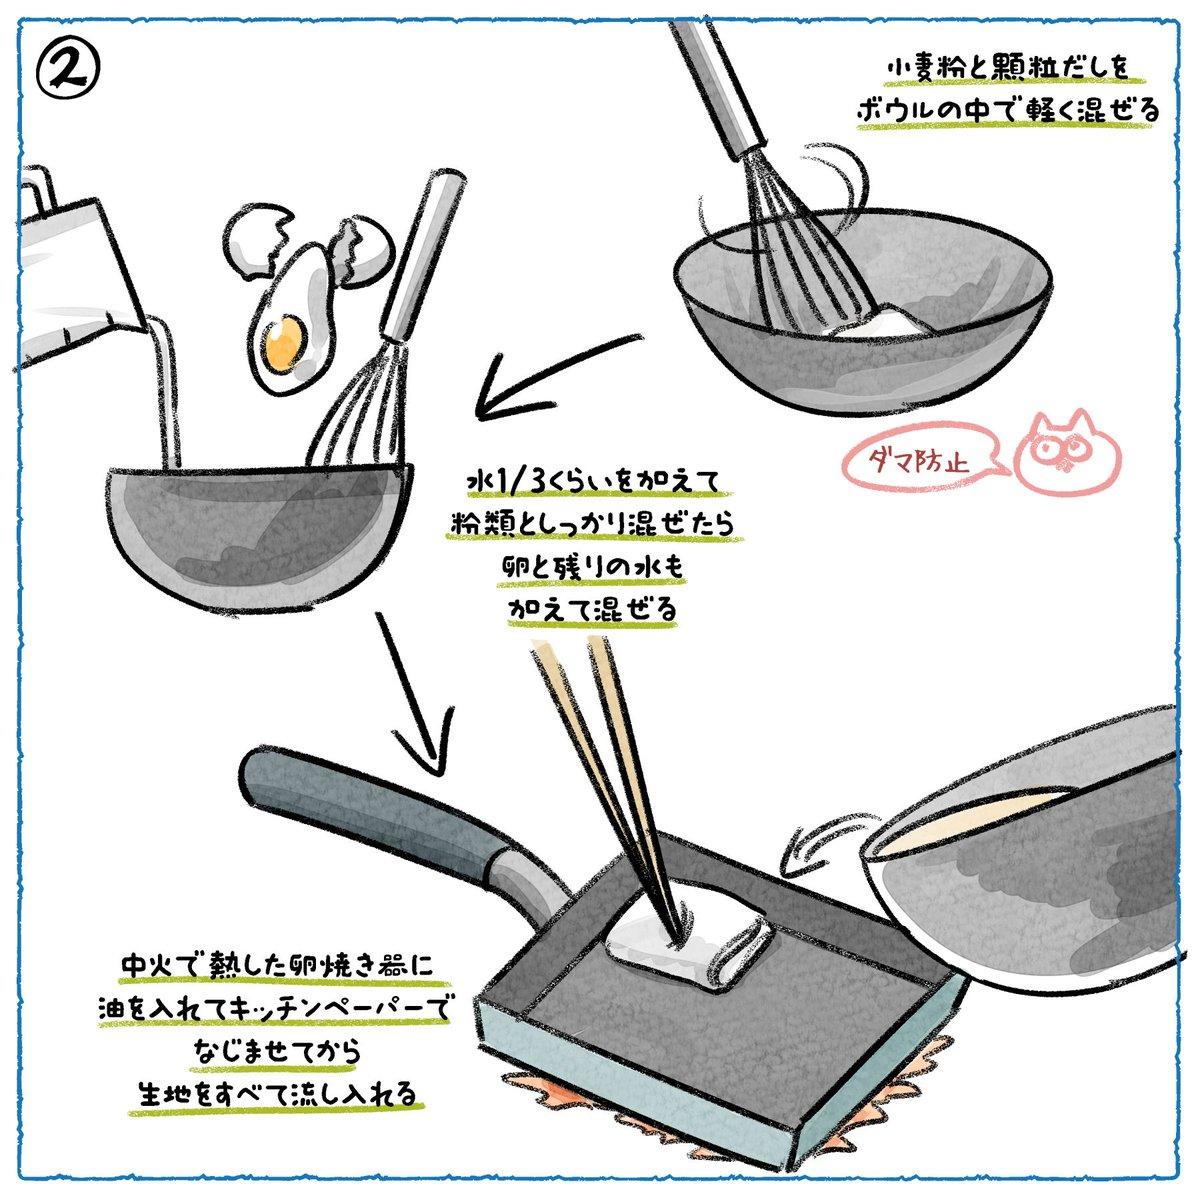 たこ焼き器で作るより時短出来ちゃう?!卵焼き器を使った、四角いたこ焼きのレシピ!